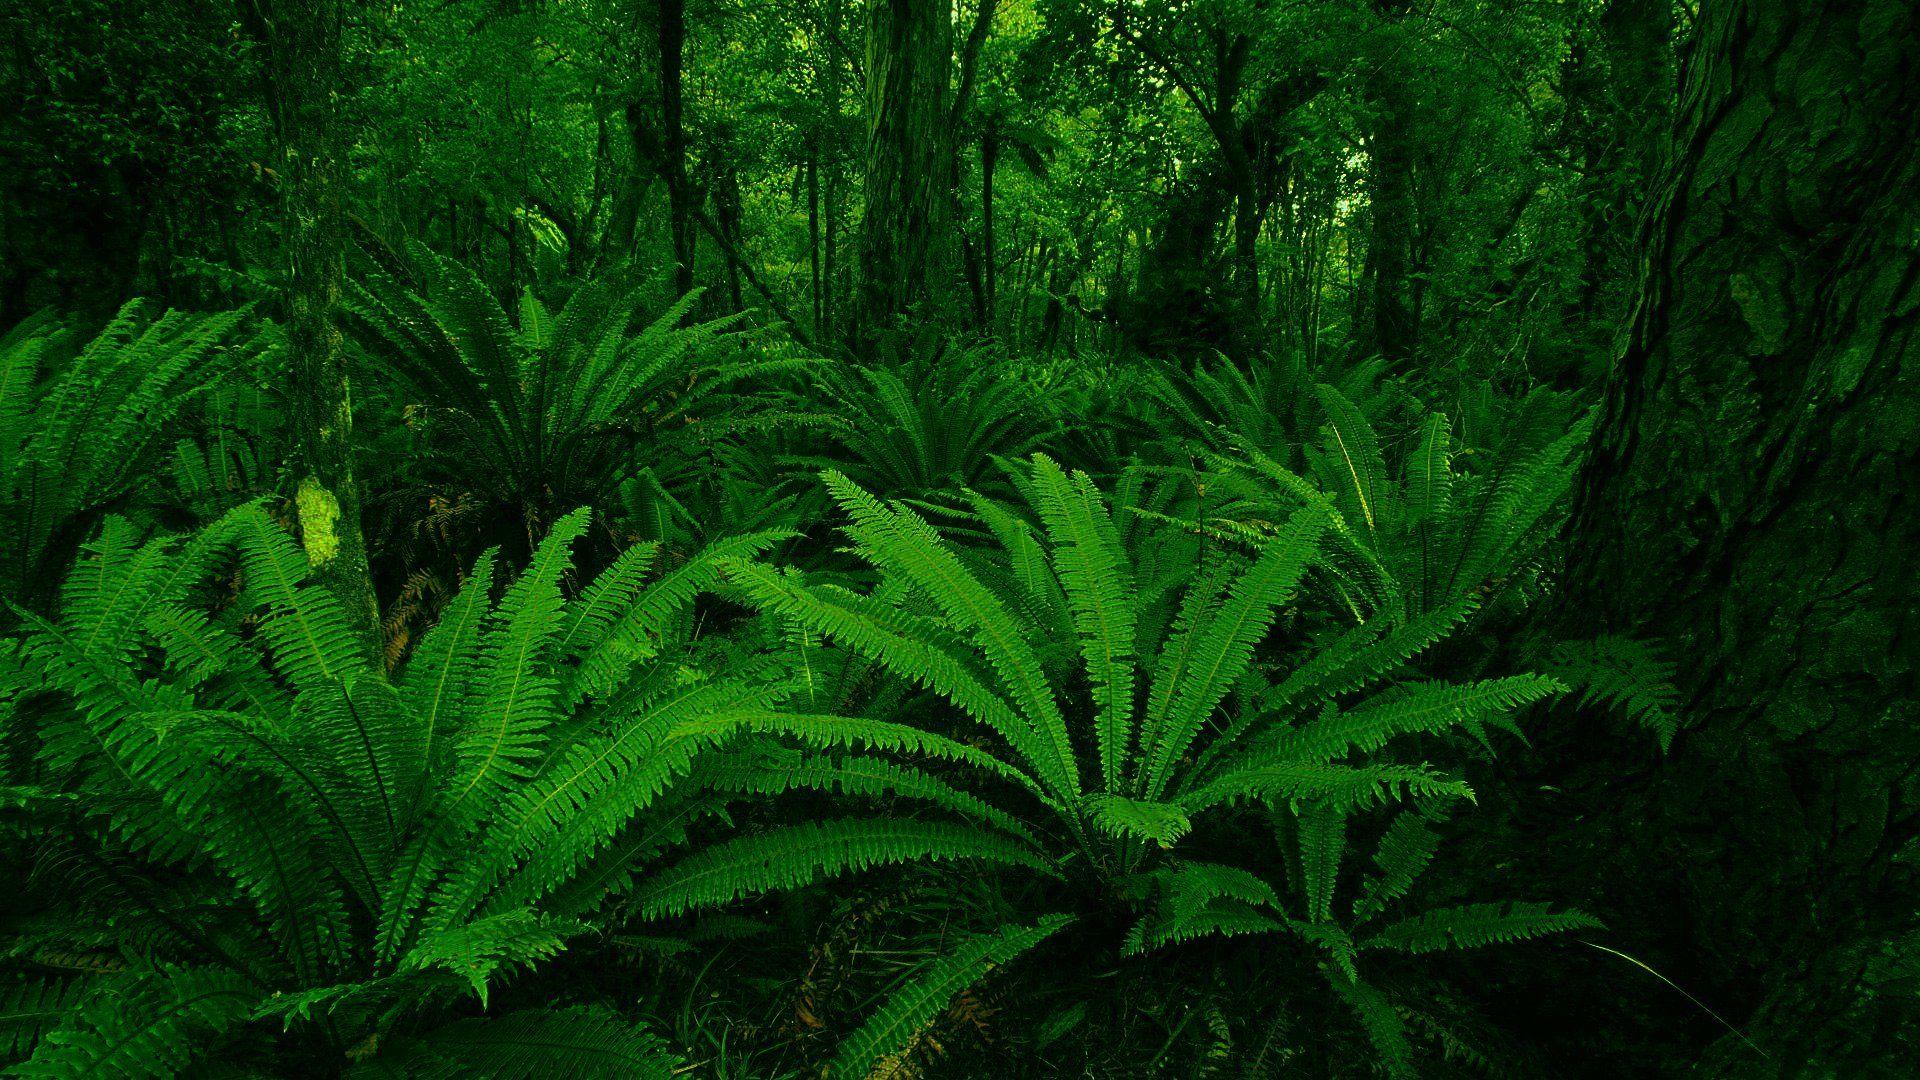 plants green leaf forest HD wallpaper Fern wallpaper